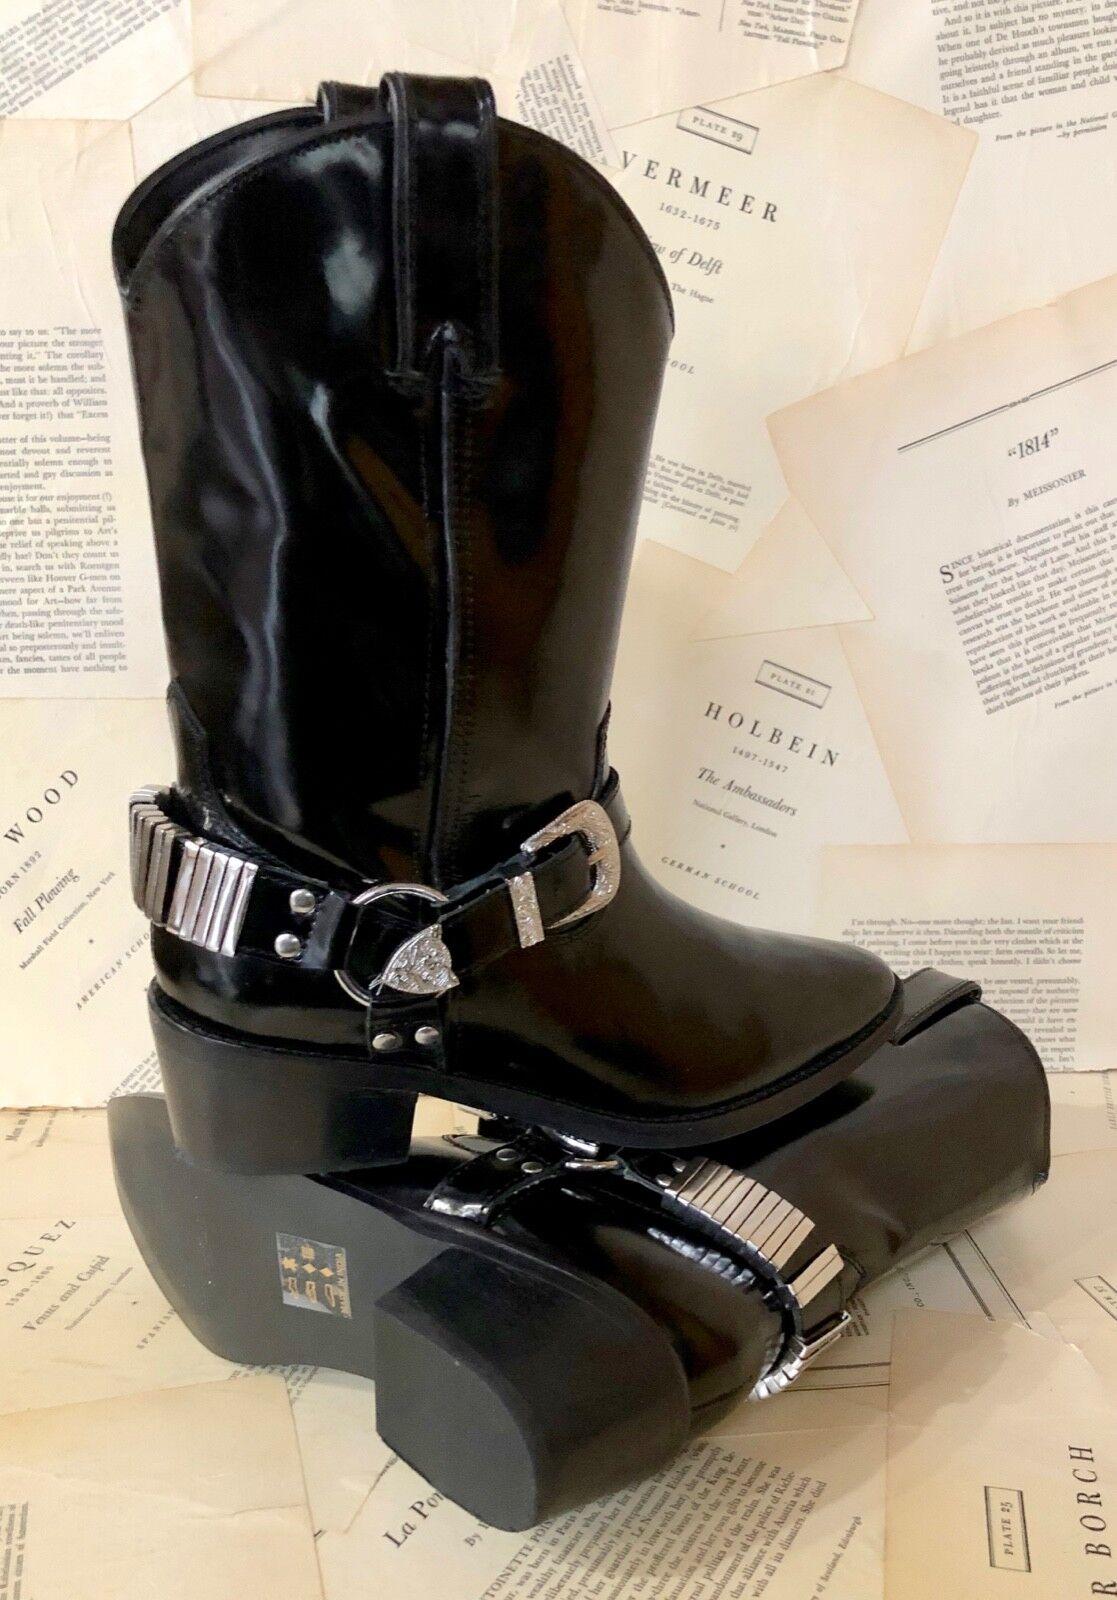 Nuevo En Caja Caja Caja herojoera Brillante Negro Cuero Hebilla de acento botas de vaquero occidental de Plata 36 6 c68dd6